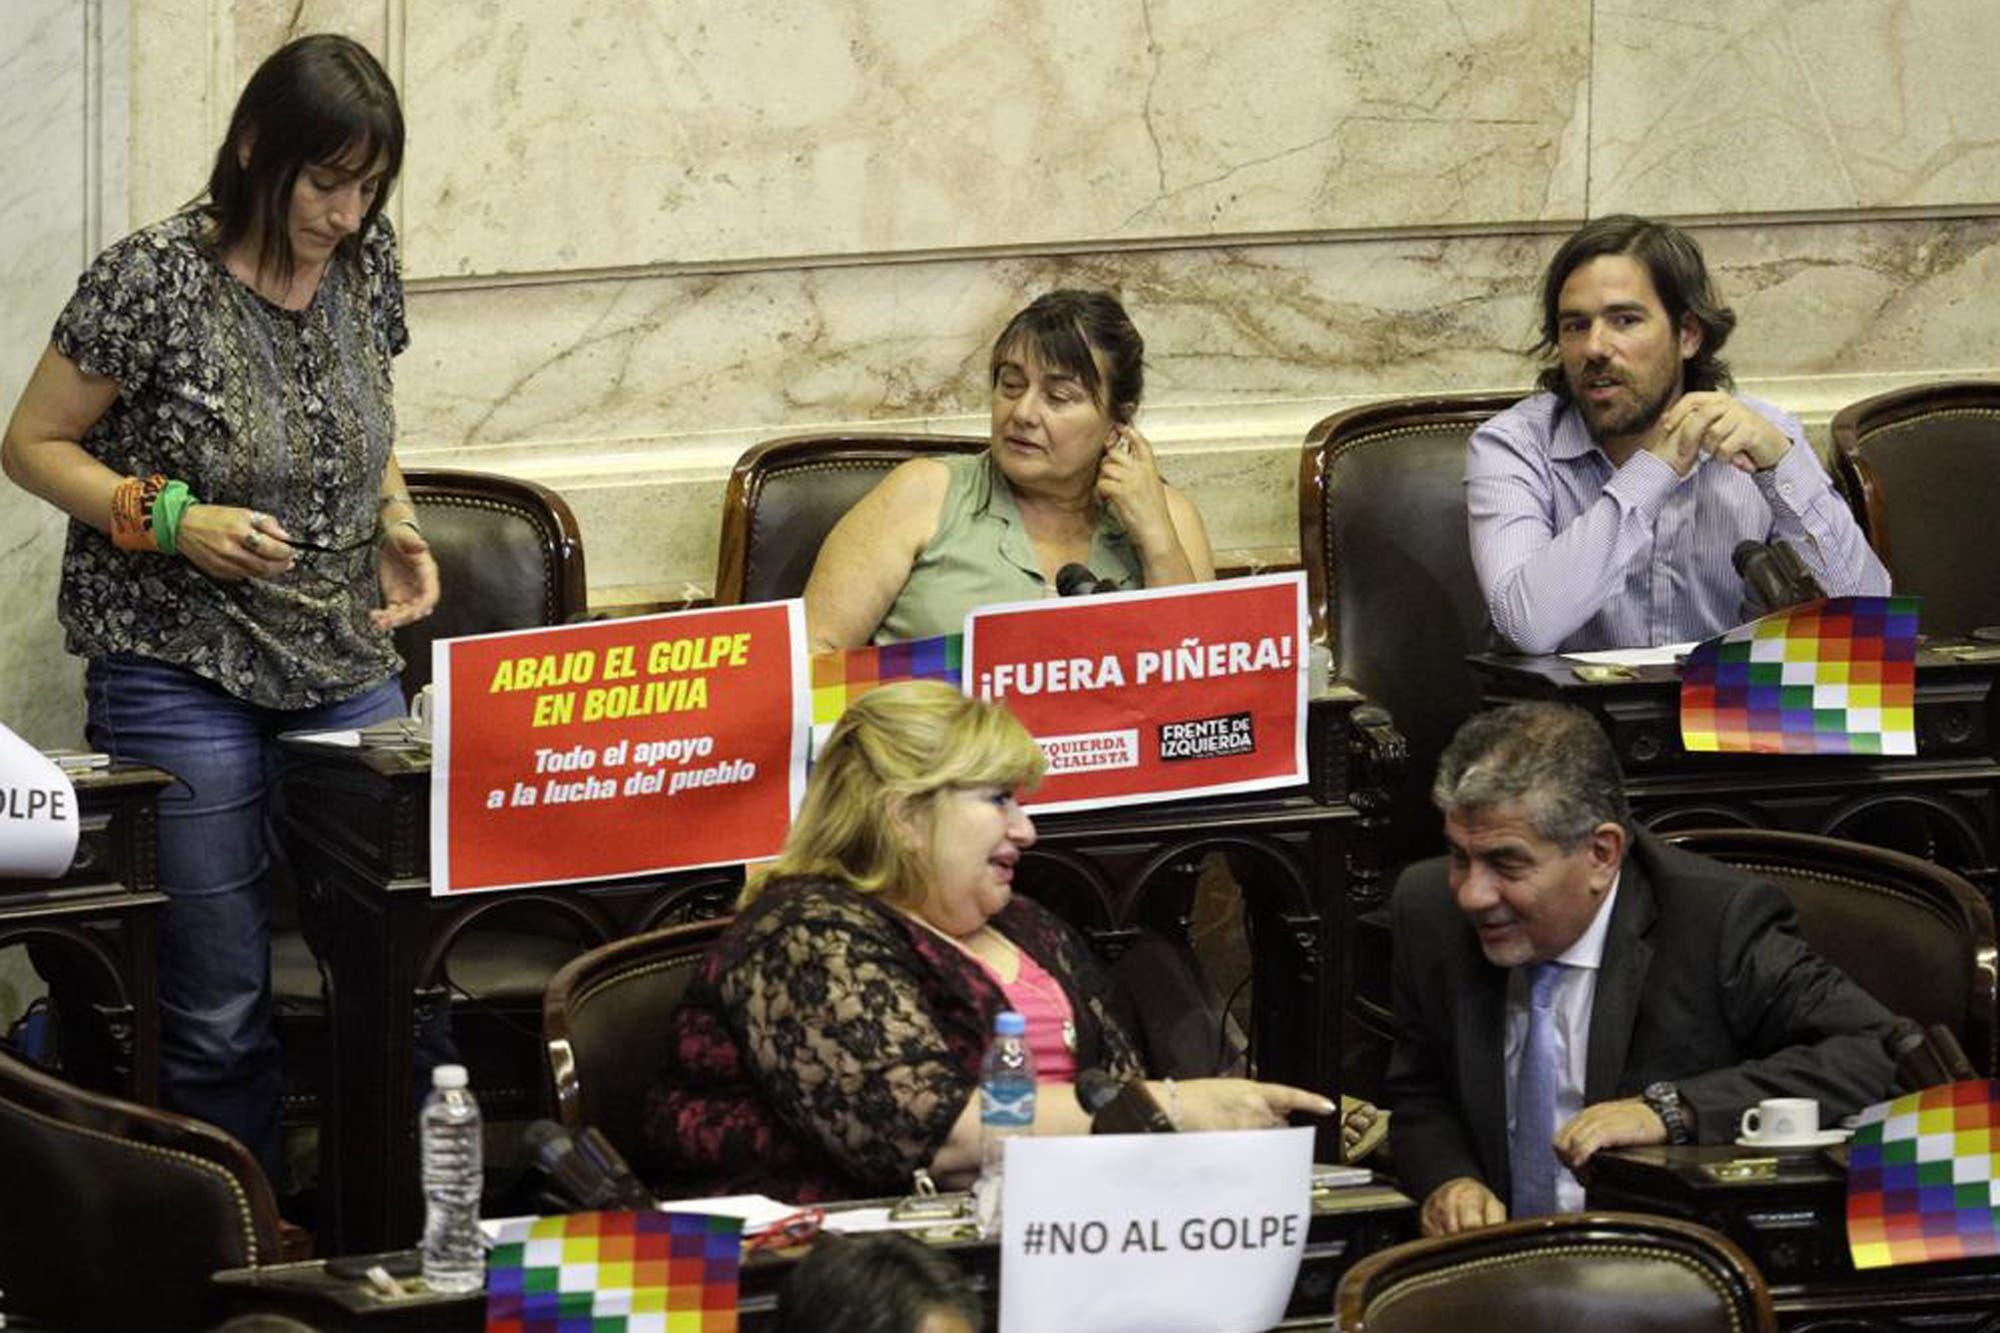 Sin acuerdo, los diputados debaten sus diferencias sobre la crisis en Bolivia